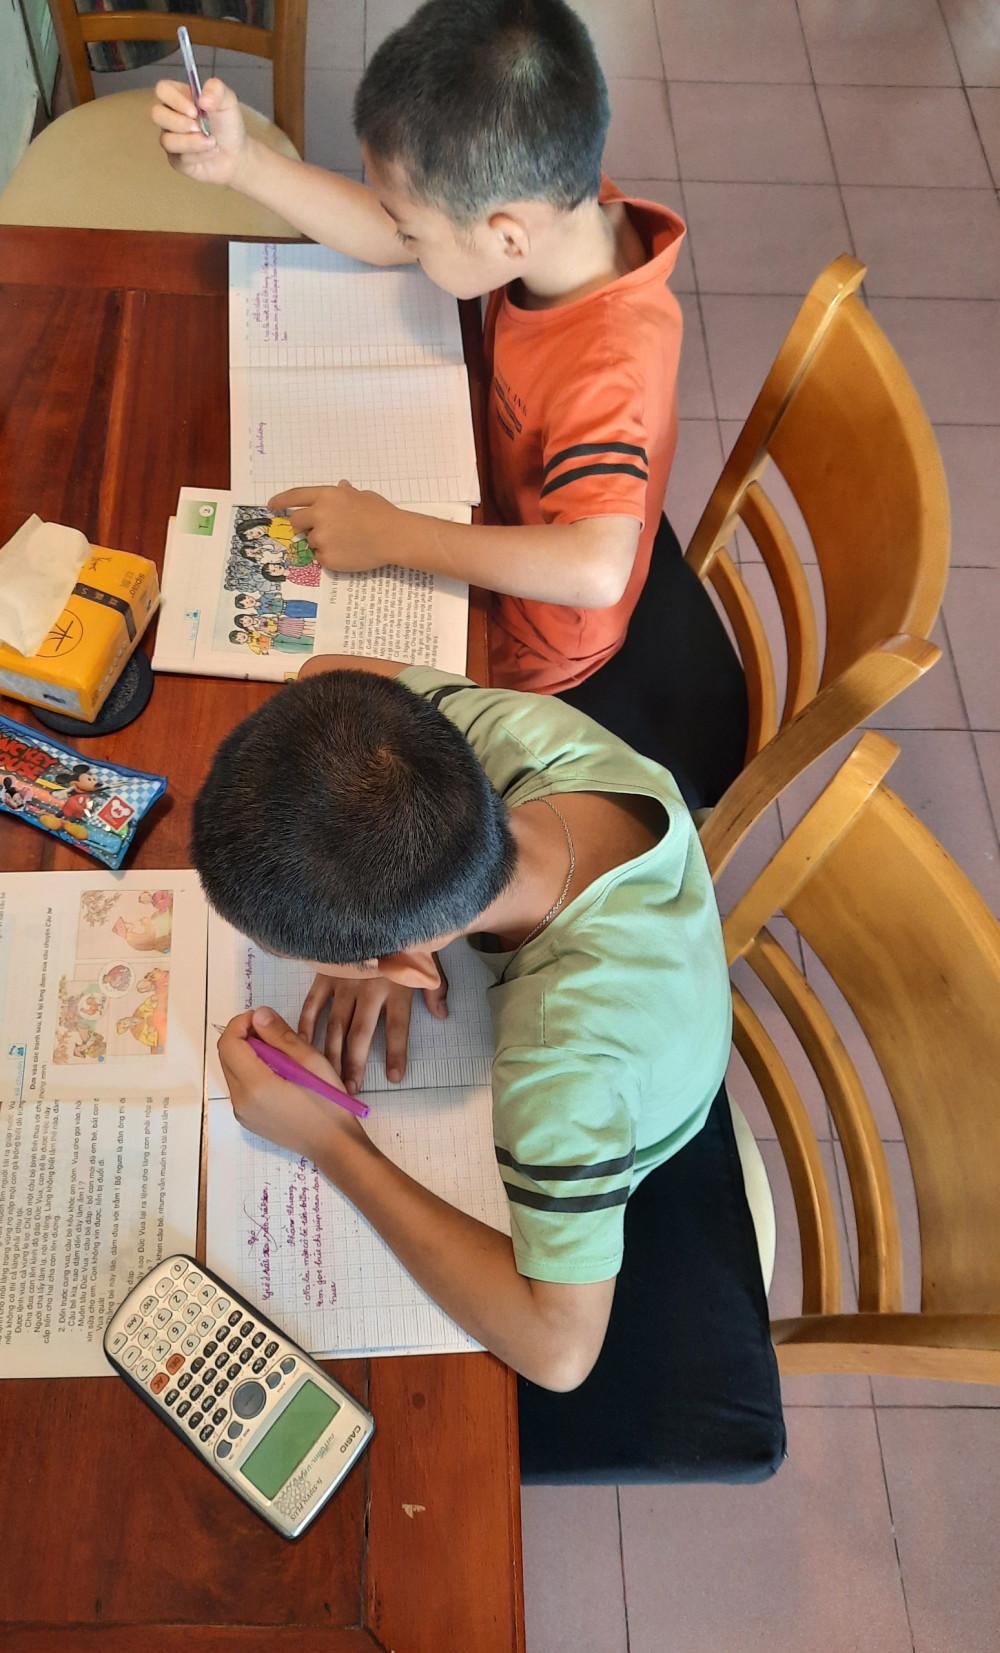 Tranh thủ giờ rảnh các bé tranh thủ học tiếng Việt, môn học khá khó vì chương trình dạy khá nhanh.